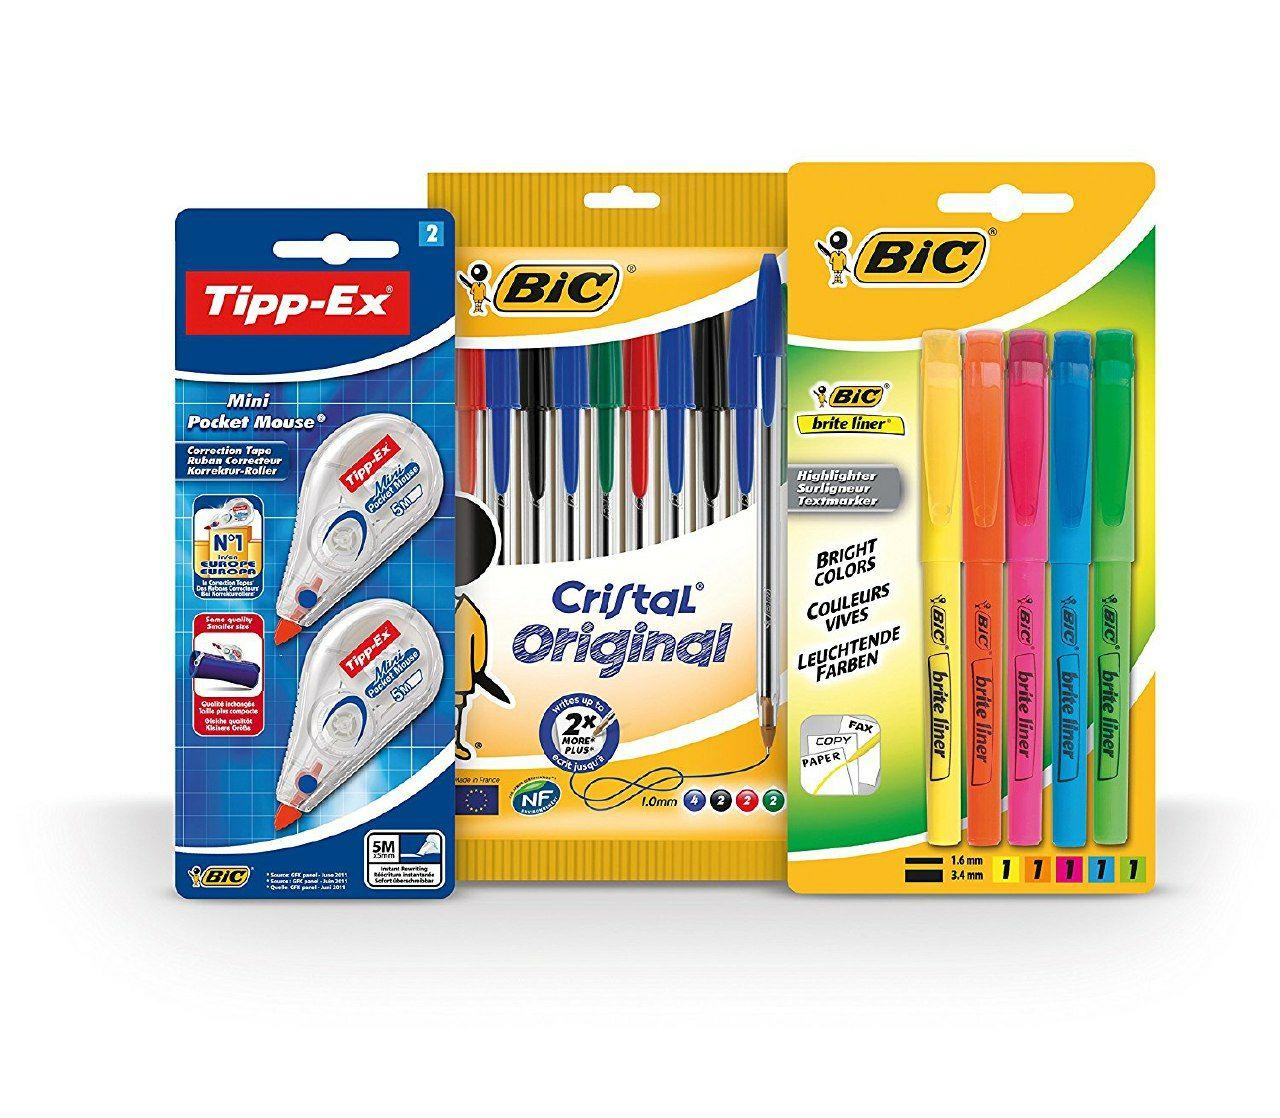 Pack 10 bolis BIC + 2 tippex de ratón + 5 subrayadores a 5.59